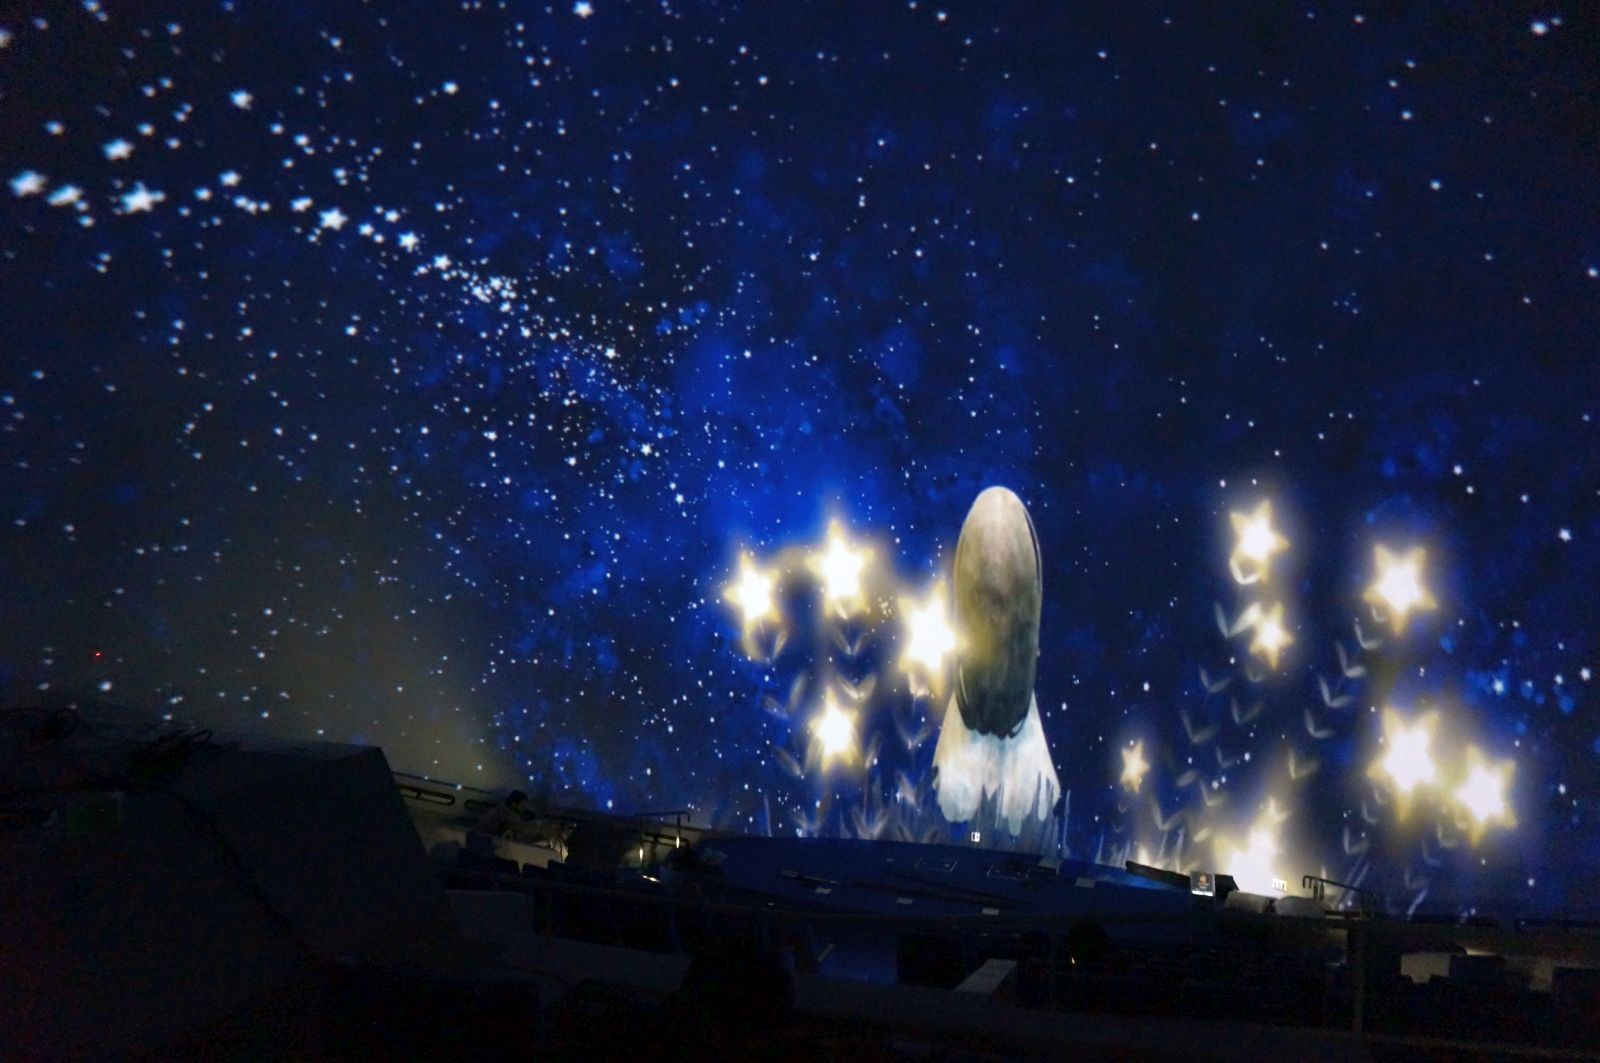 プラネタリウム オンライン 新感覚オンラインイベント「オンラインプラネタリウム」を4月17日(金)に無料開催!